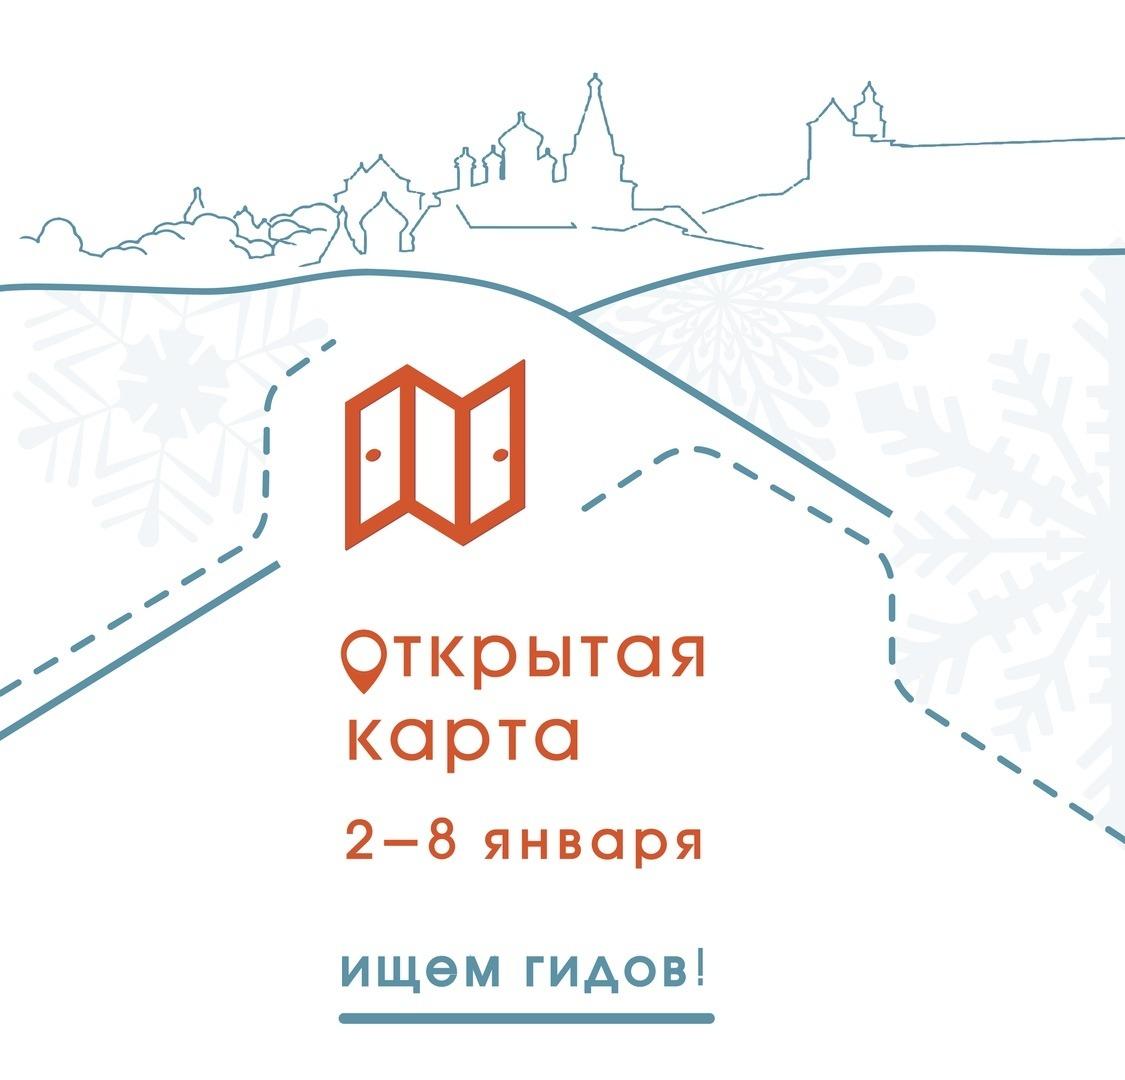 Фестиваль «Открытая карта» 2-8 января 2019 в Нижнем Новгороде